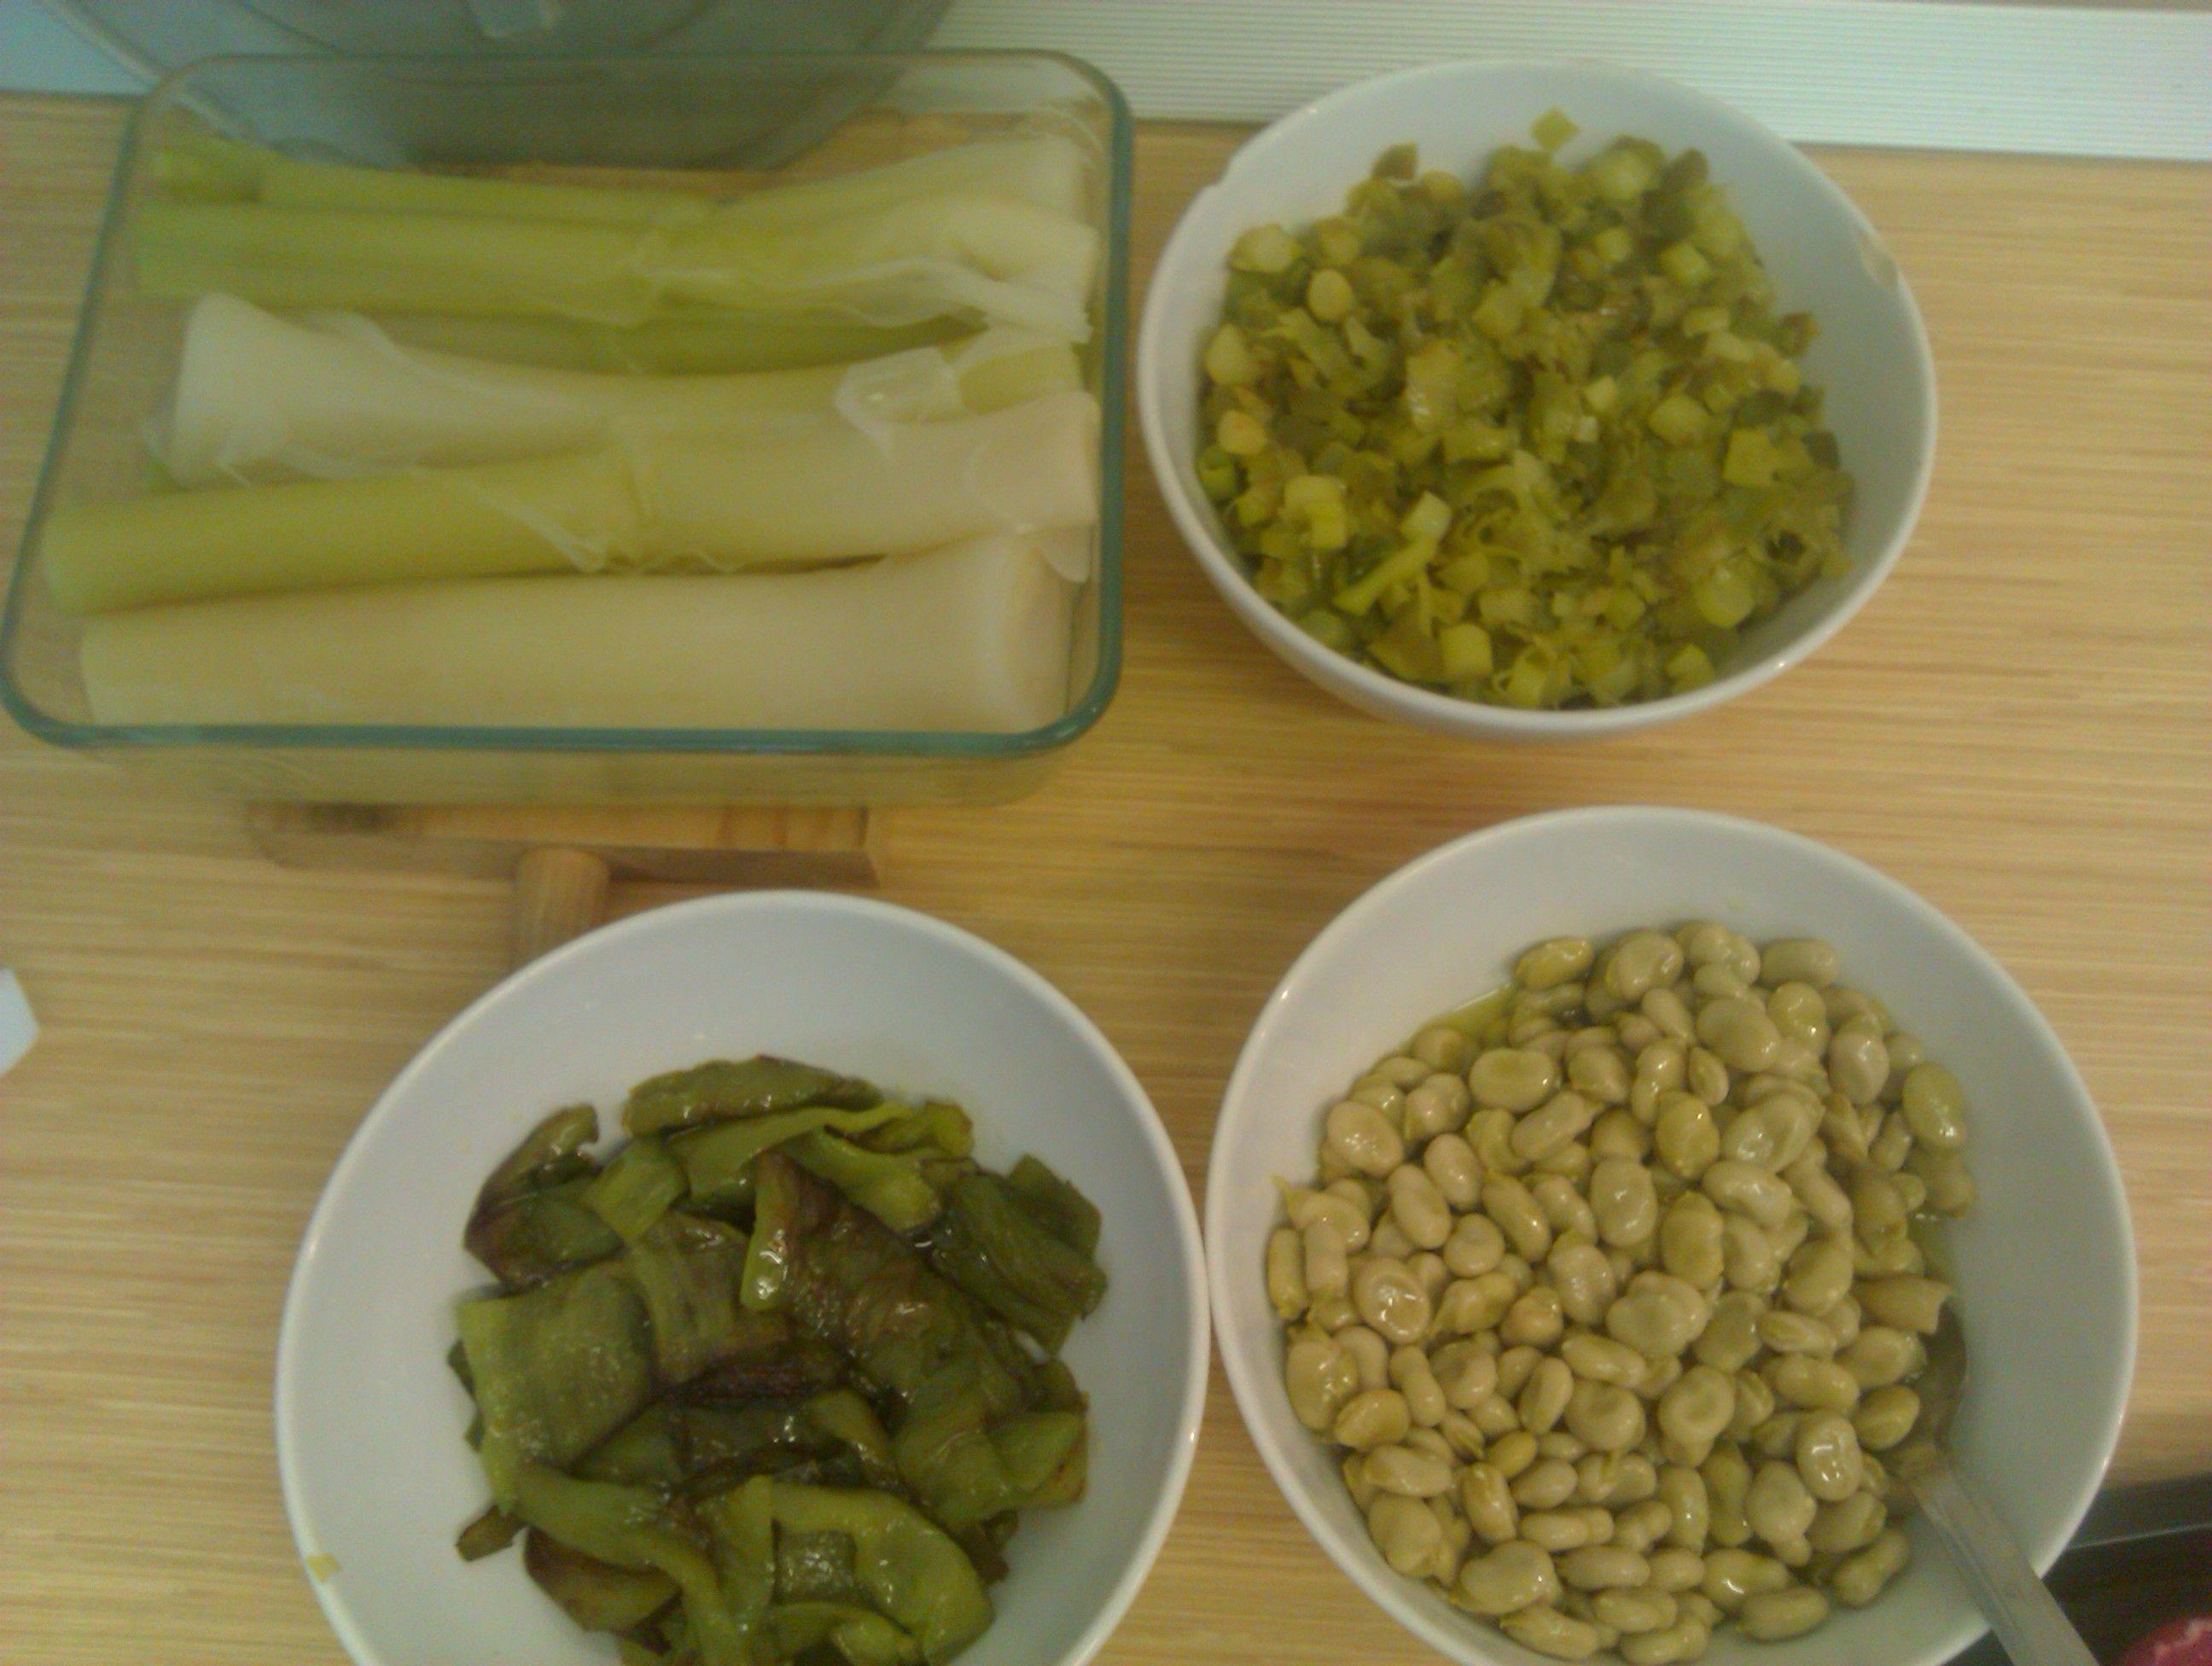 Verduritas: puerros cocidos y fritos, pimientos verdes fritos y habitas (material para otras cosas)